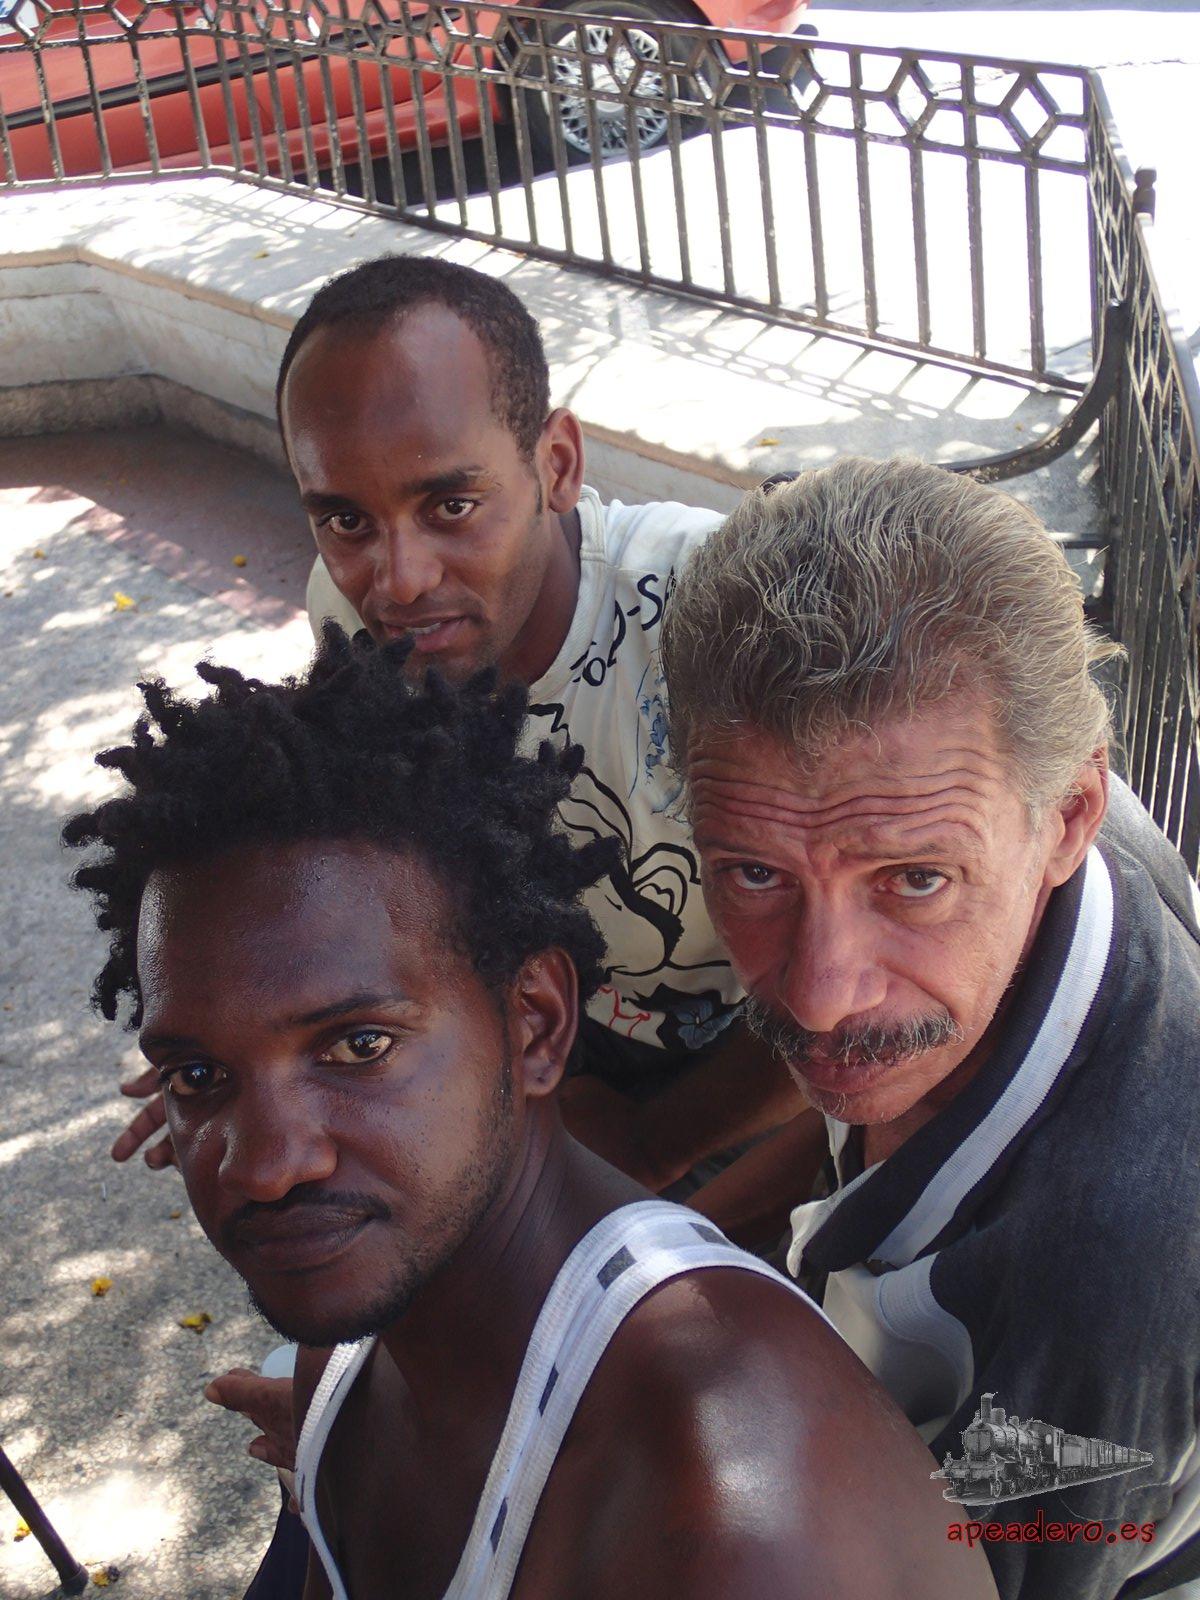 Lo mejor de Cuba son los cubanos. Sin duda alguna, el principal motivo para visitar Cuba.